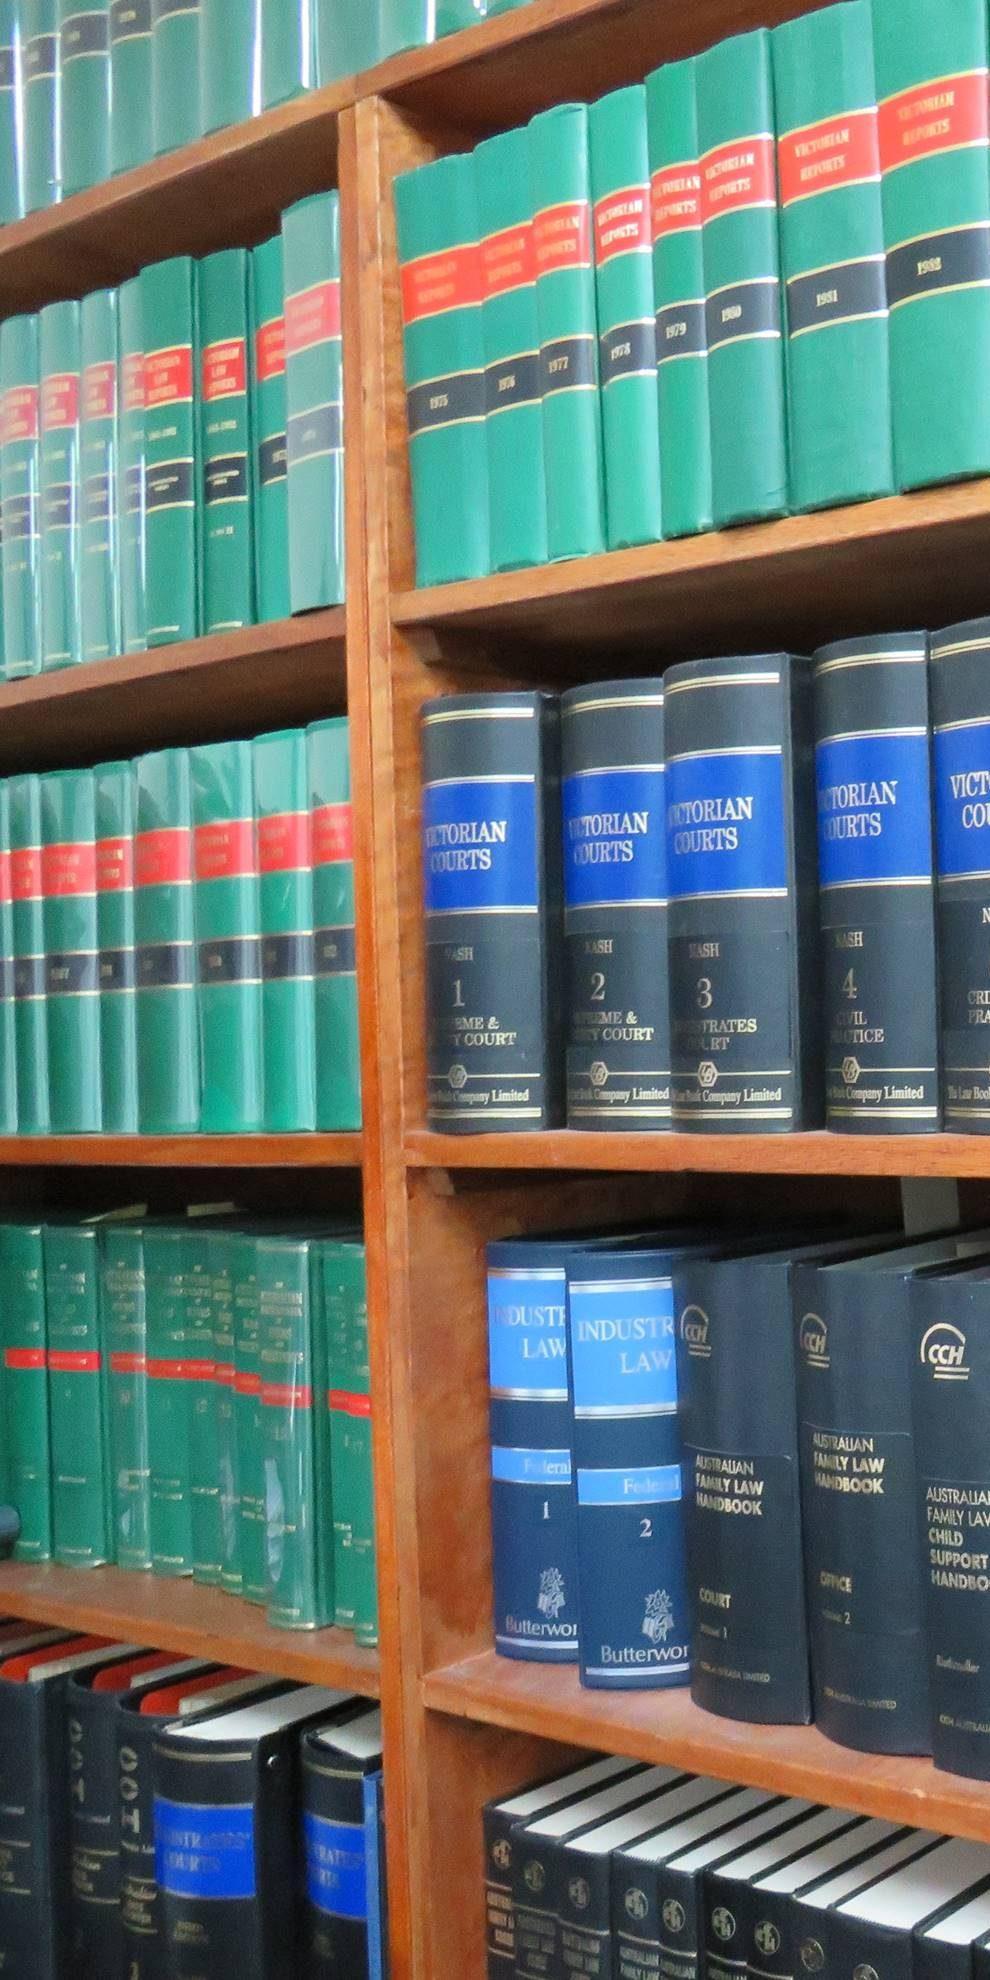 Narre Warren Lawyer